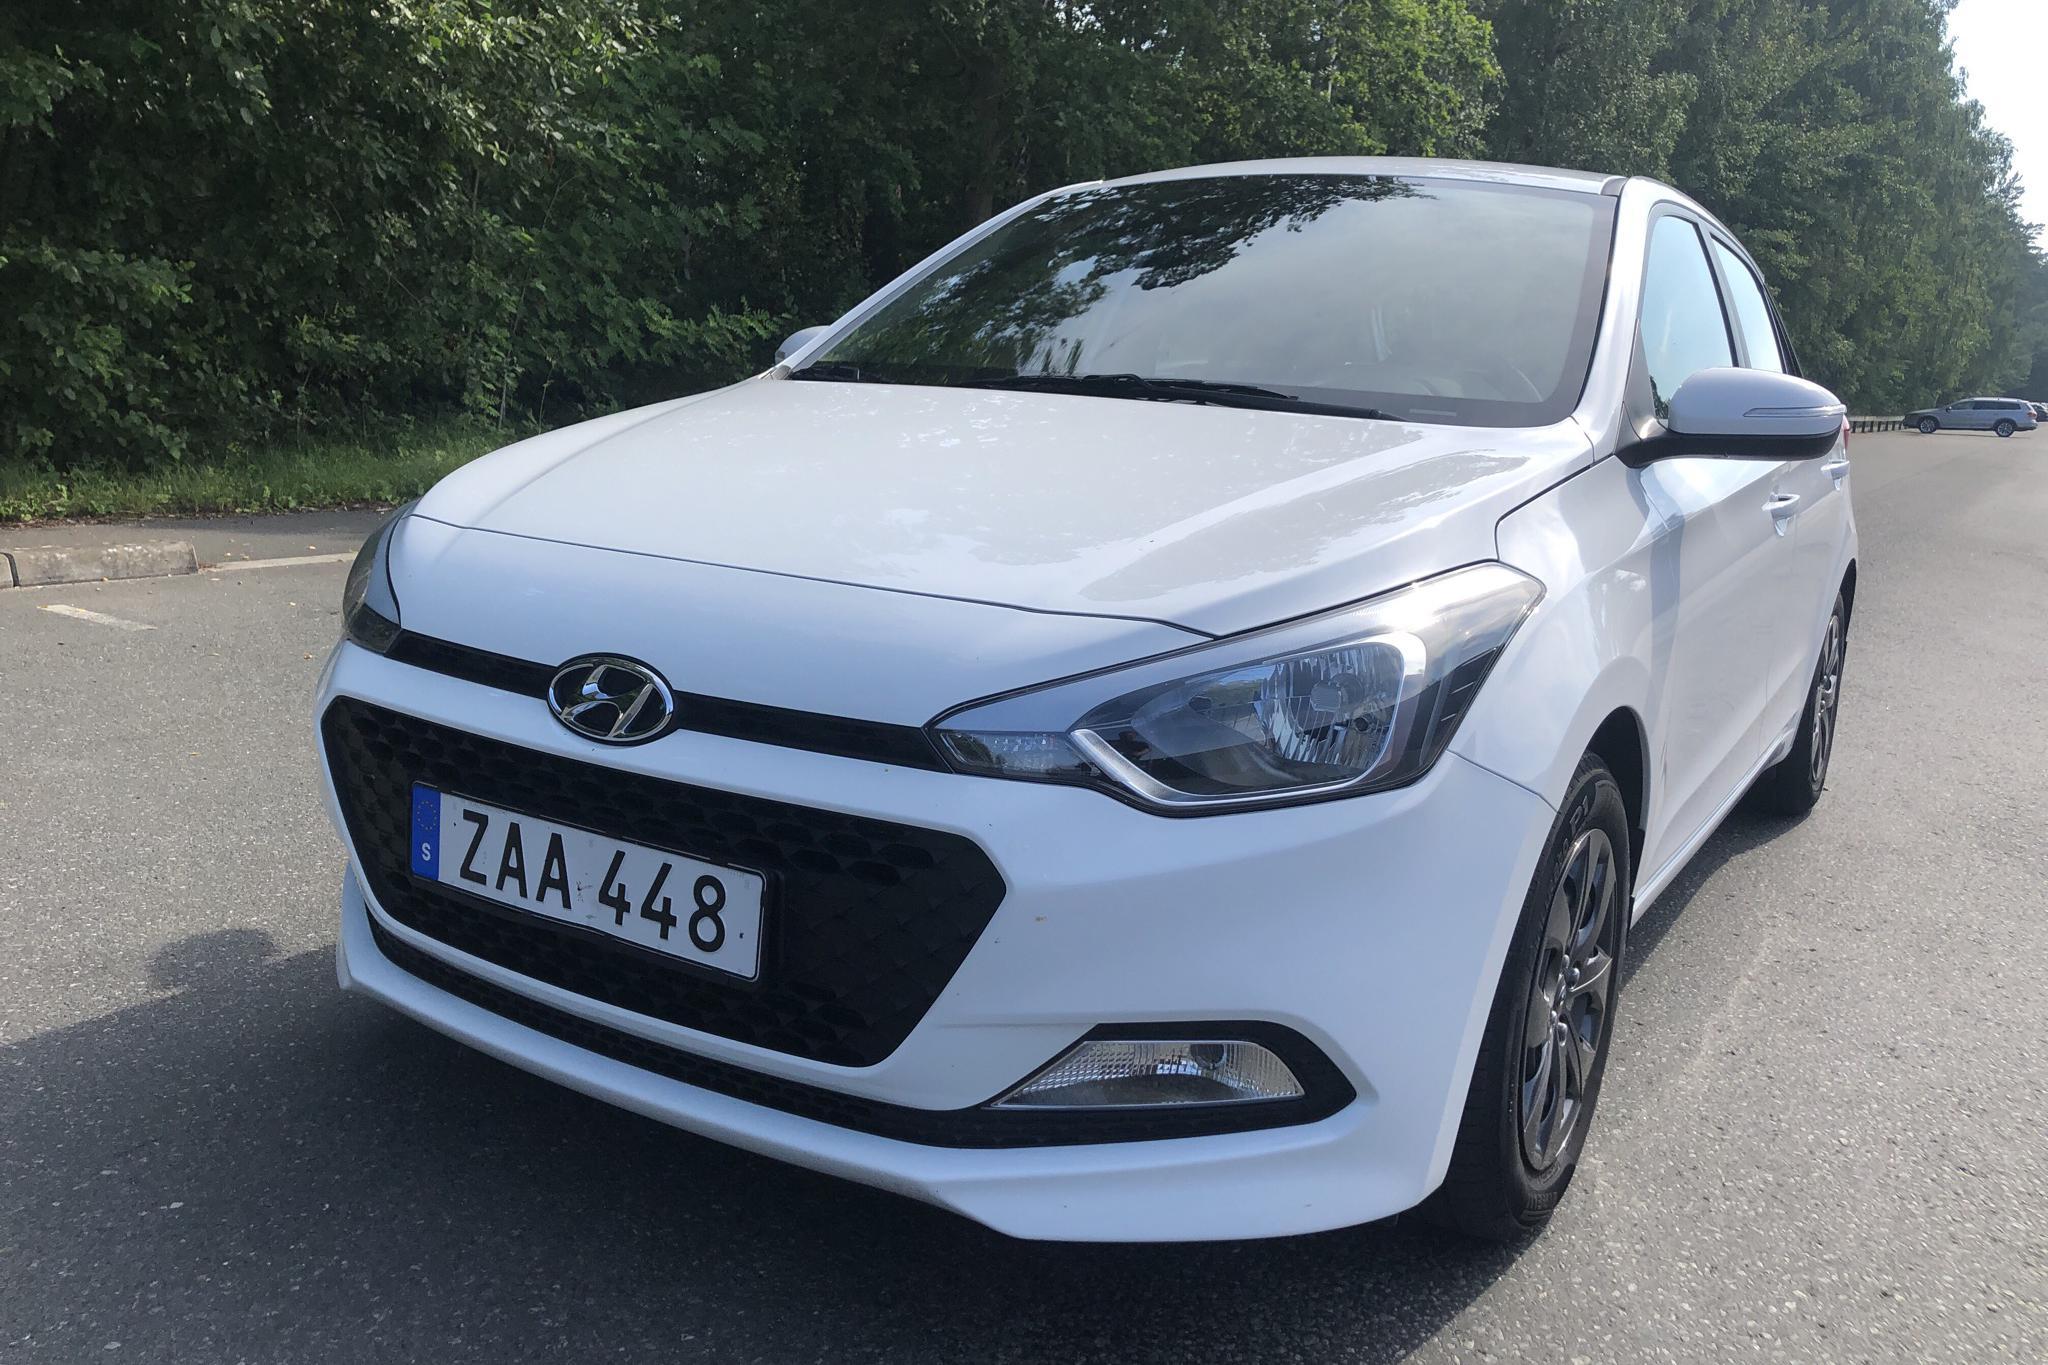 Hyundai i20 1.2 (75hk) - 35 050 km - Manual - white - 2018